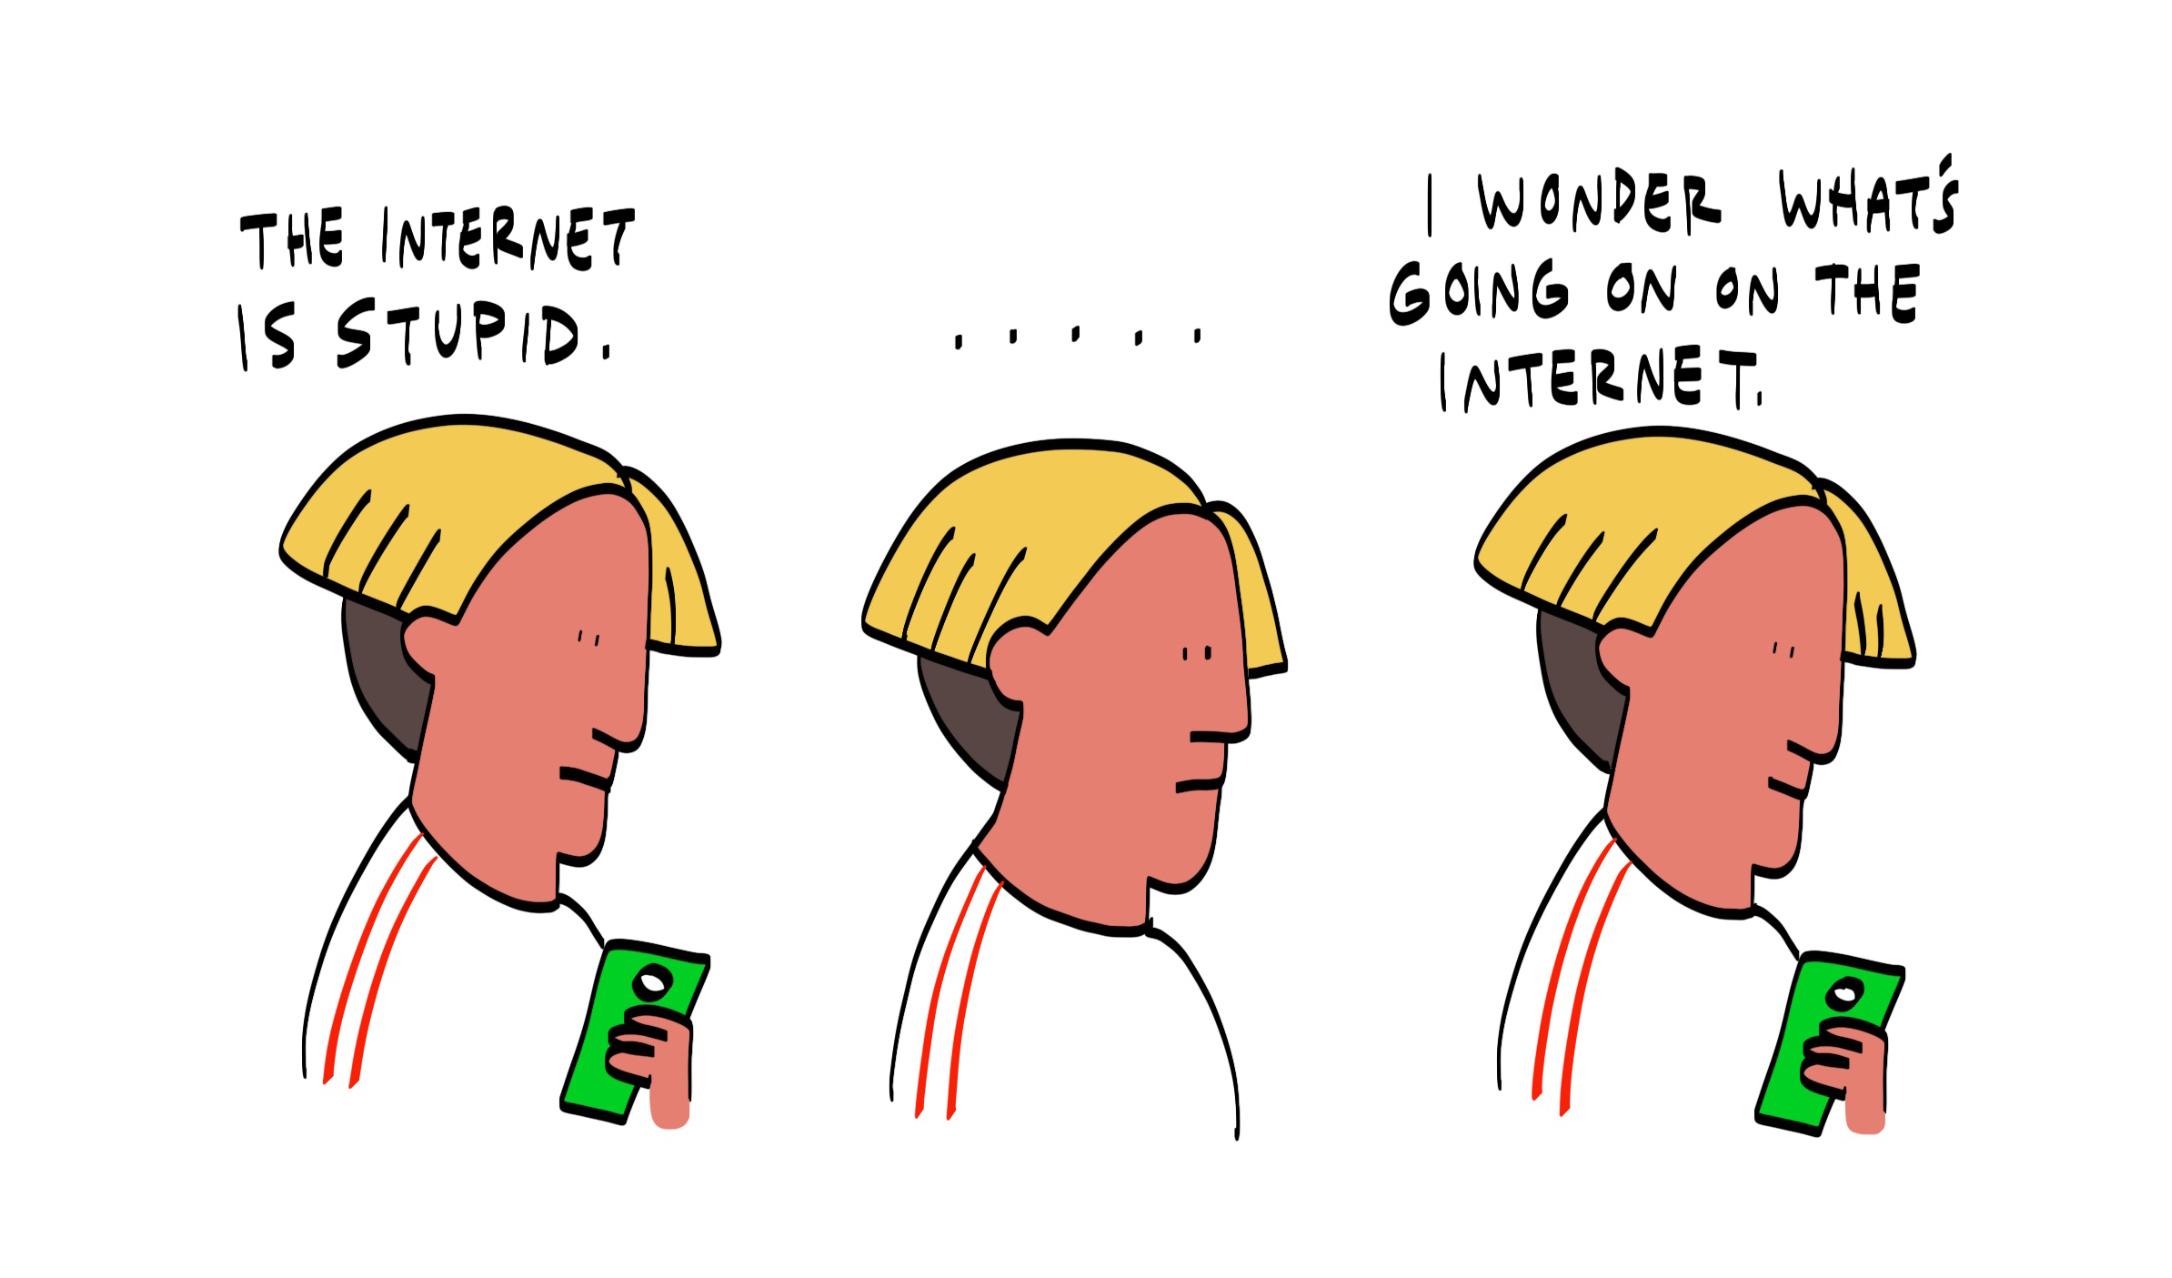 Merc_comic_internet2.jpg